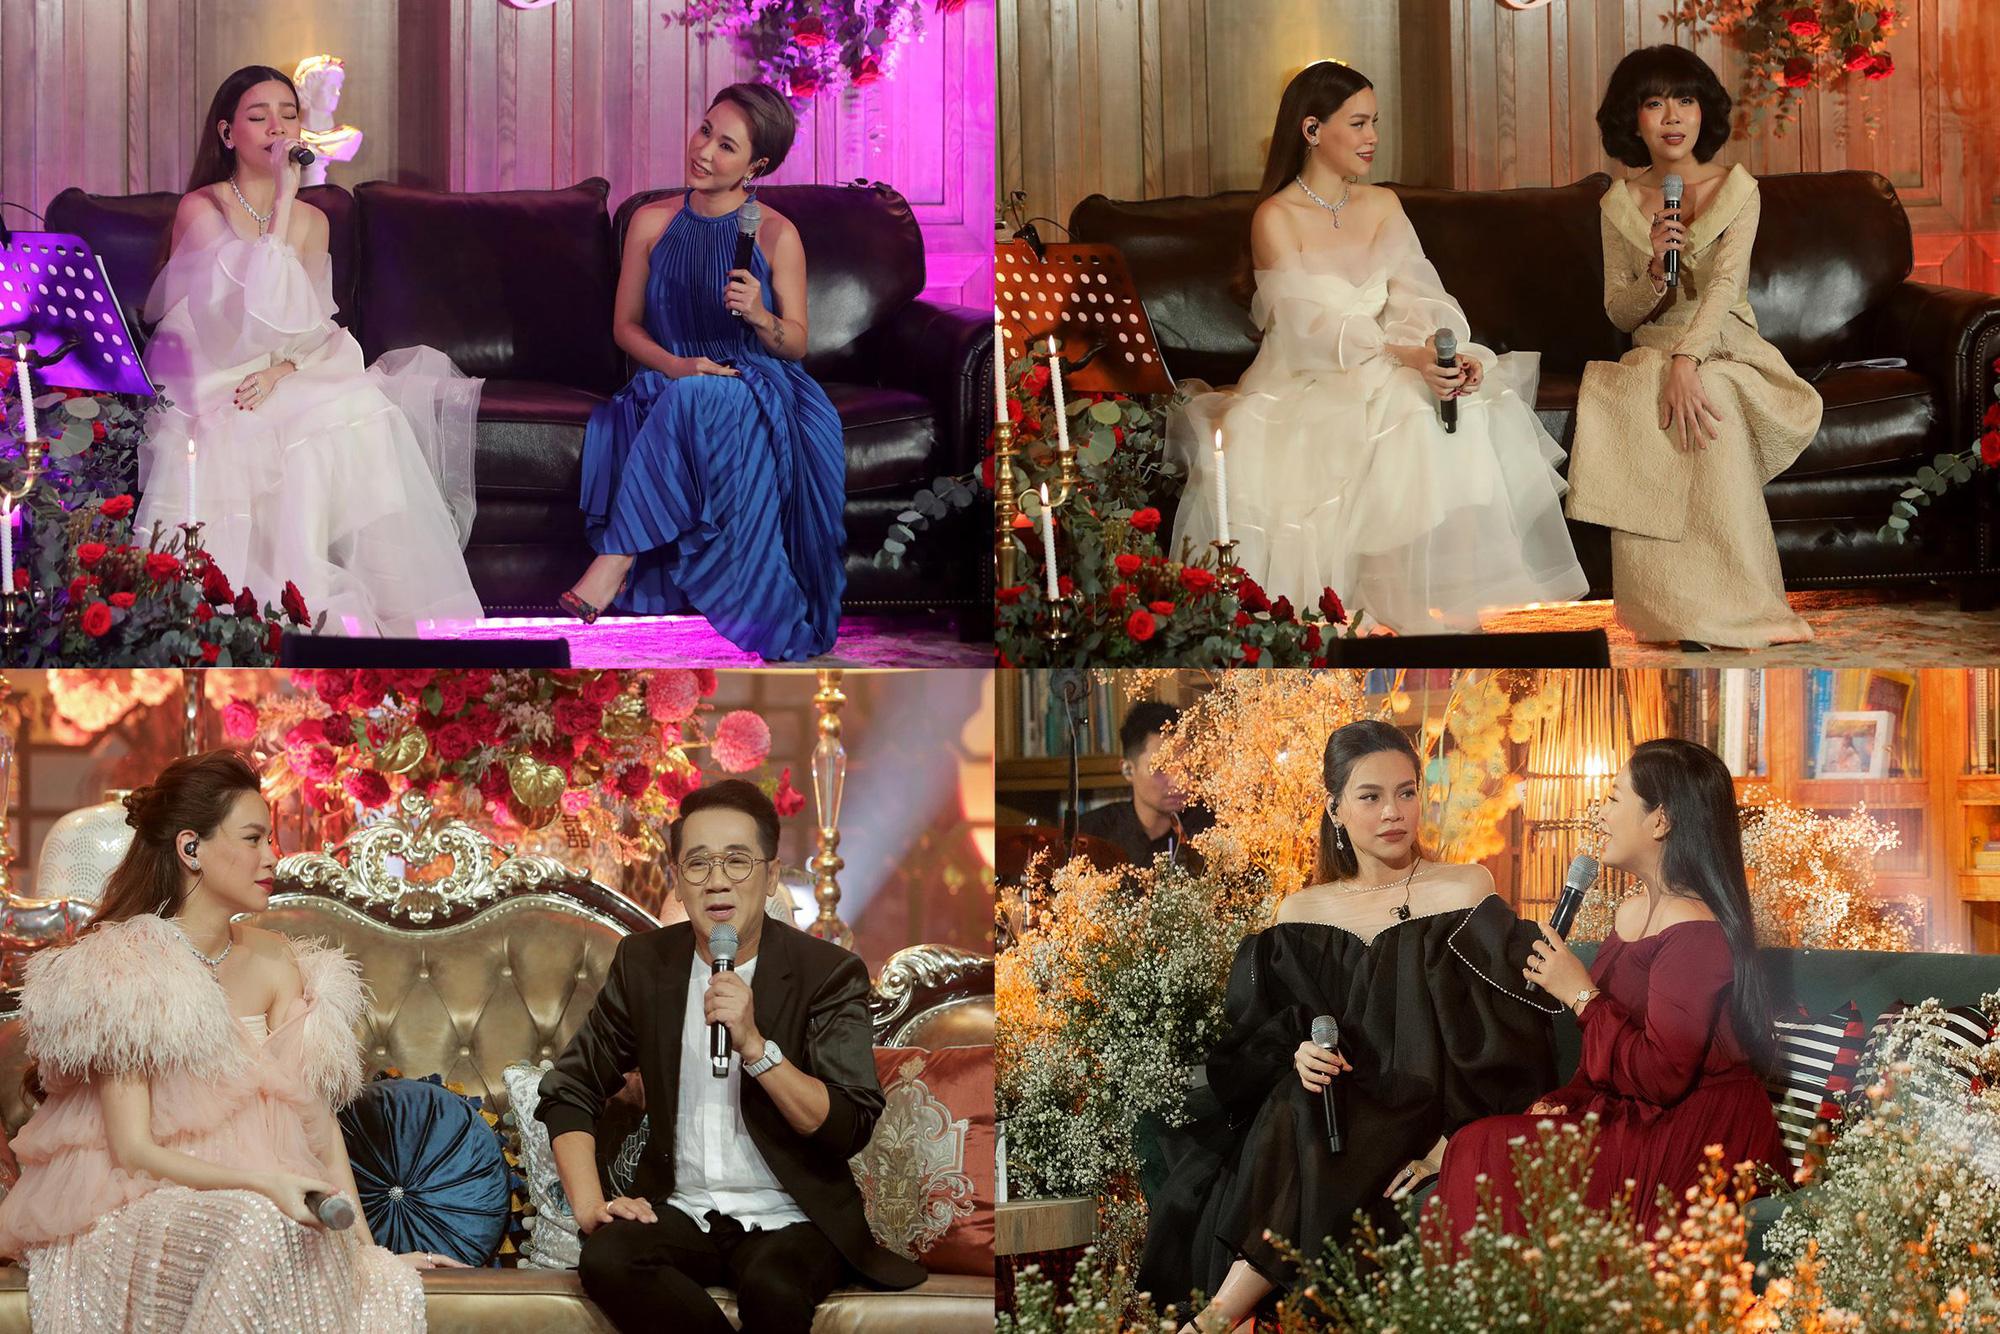 Chuỗi Private Show Love Songs của Hồ Ngọc Hà - điểm sáng của năm về một chương trình âm nhạc đậm chất nghệ thuật - Ảnh 6.